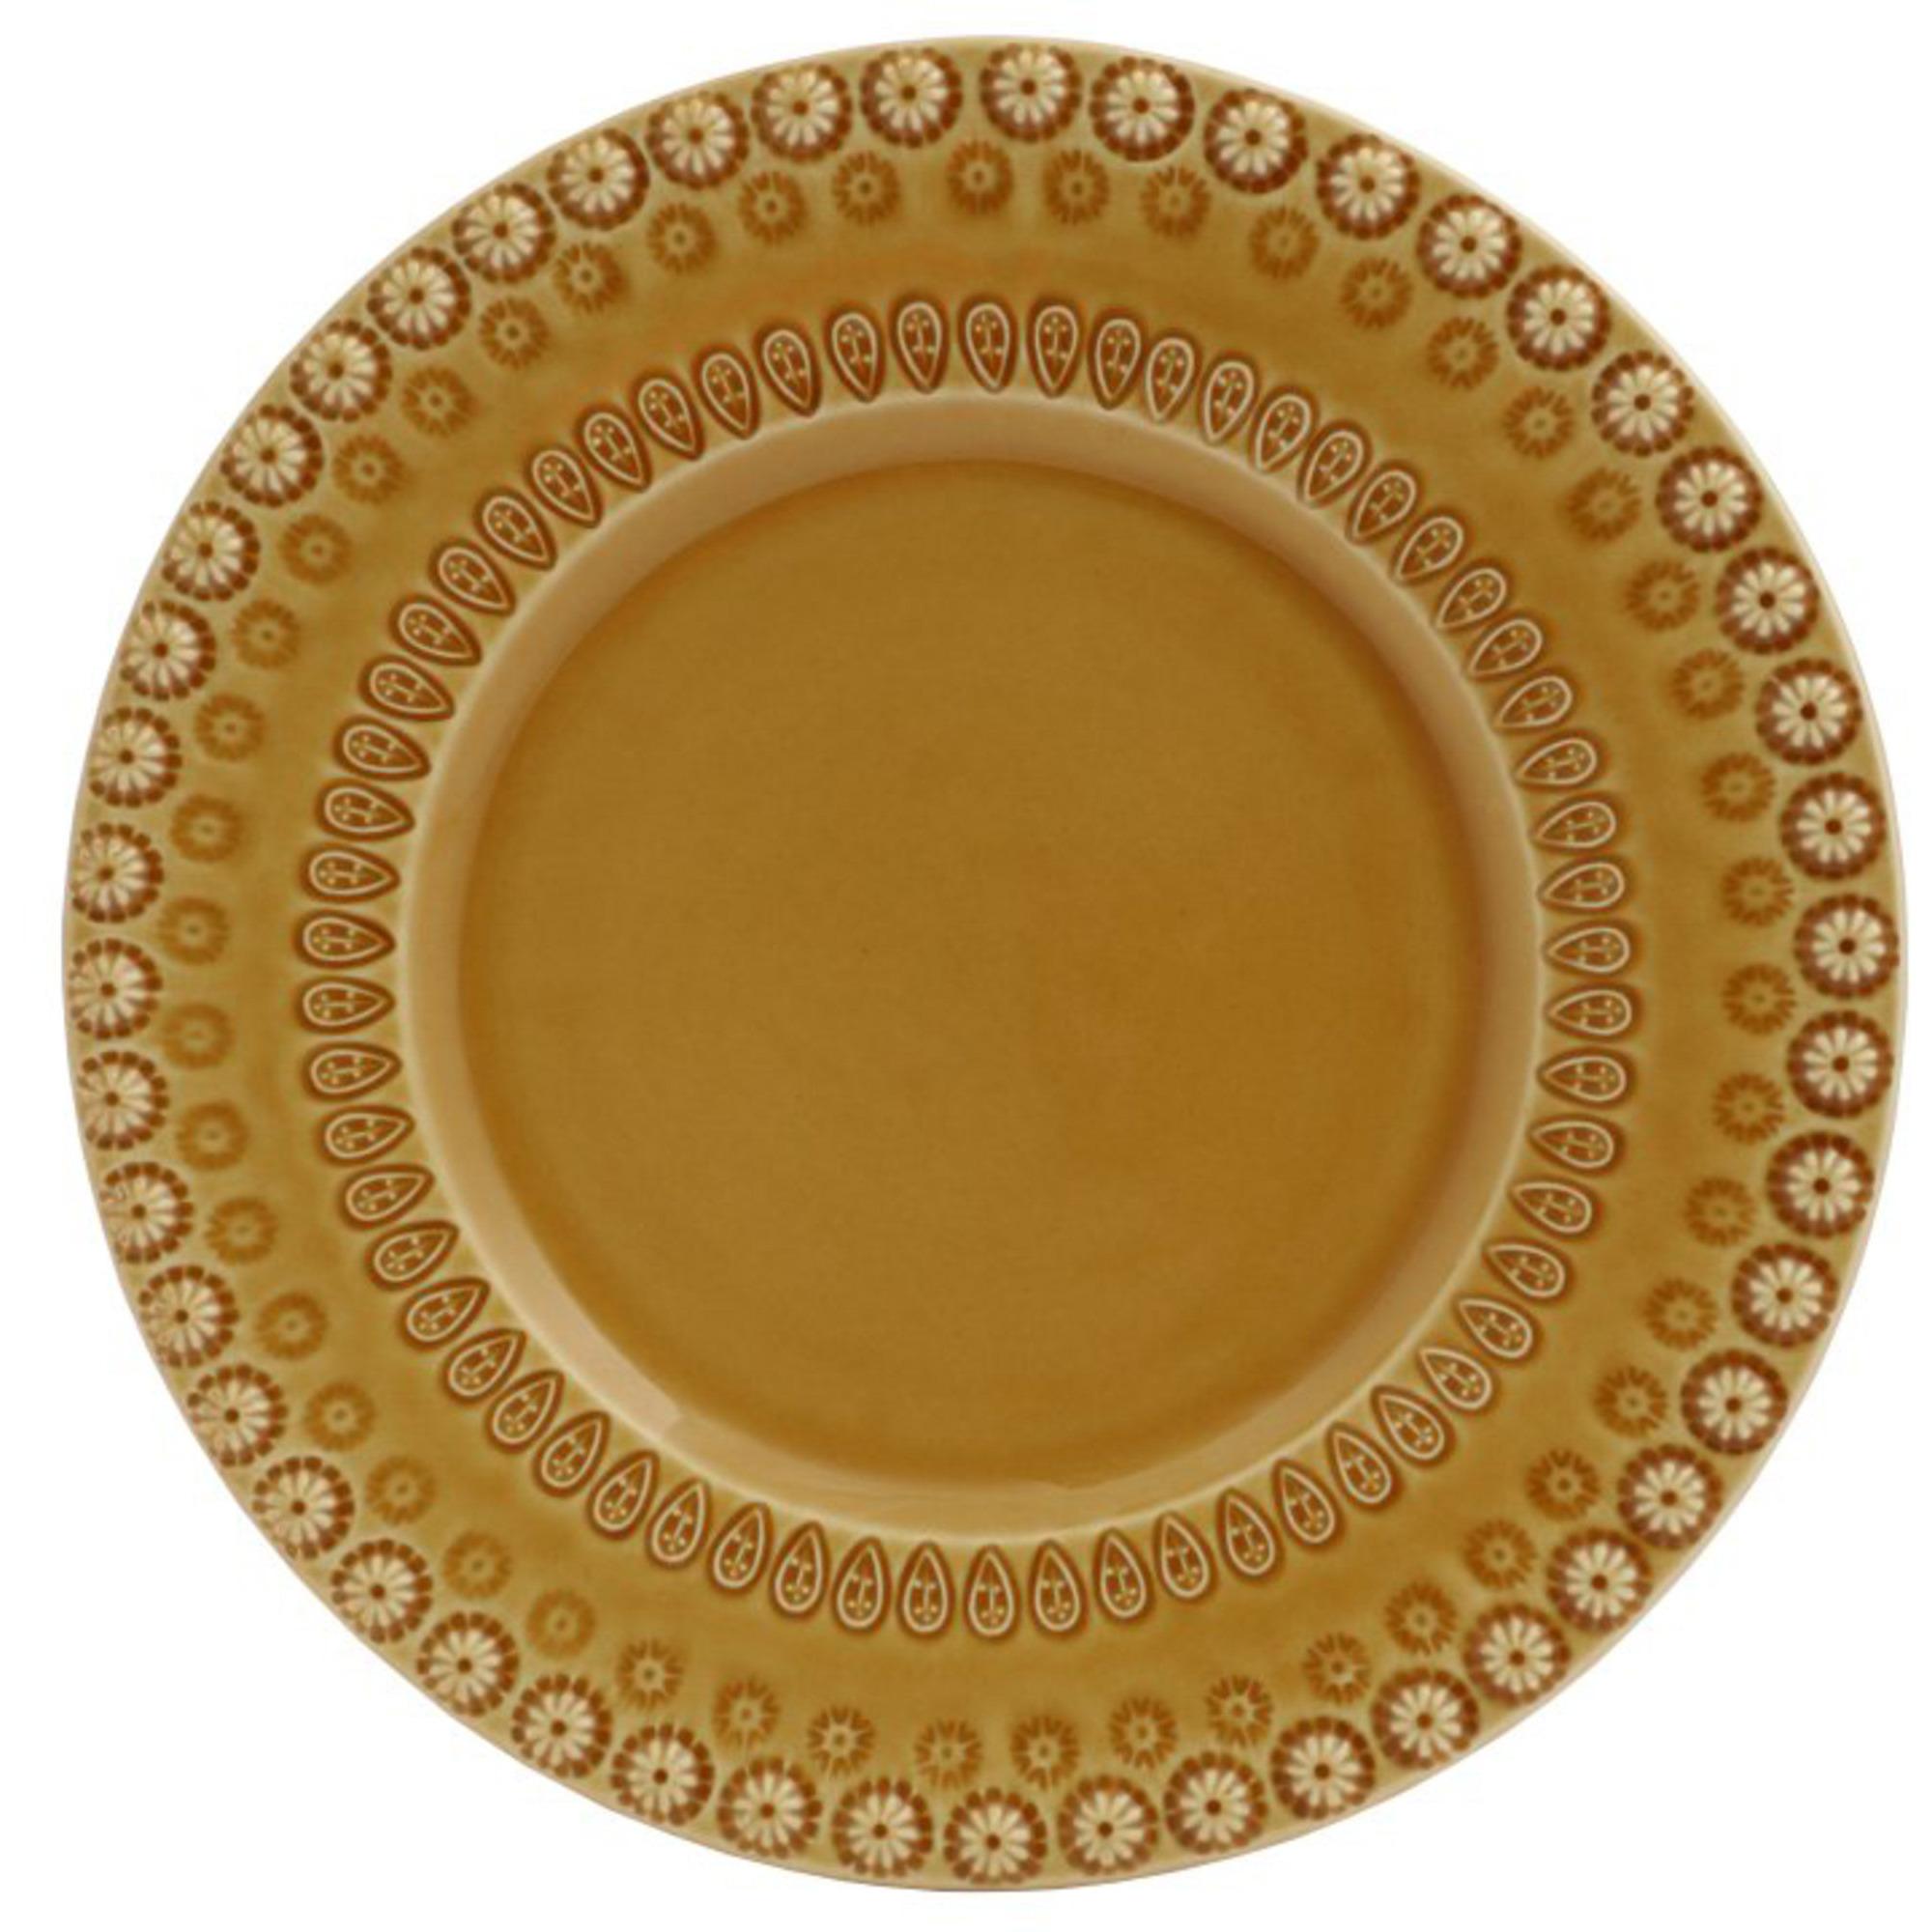 PotteryJo Daisy Assiett 22 cm Sienna